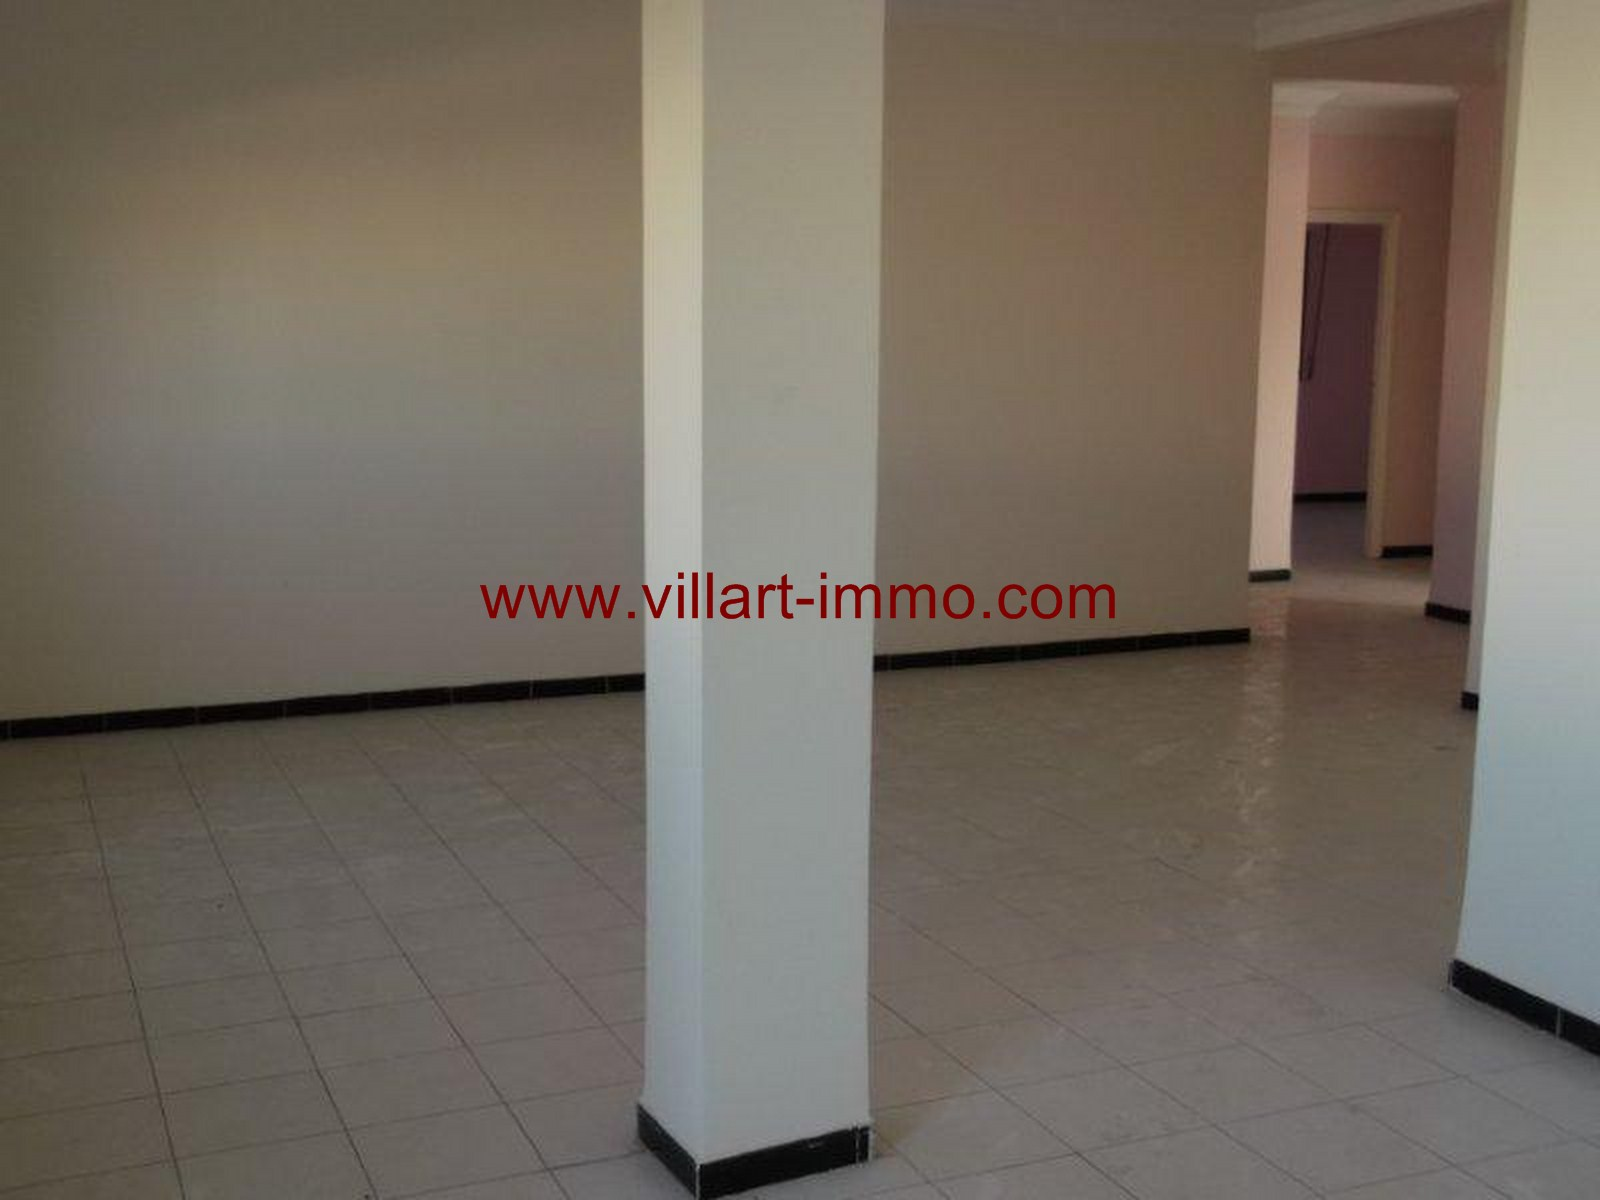 5- Vente -appartement-Tanger-Maroc–Centre-De-Ville-Chambres 2 -VA91-Villartimmo